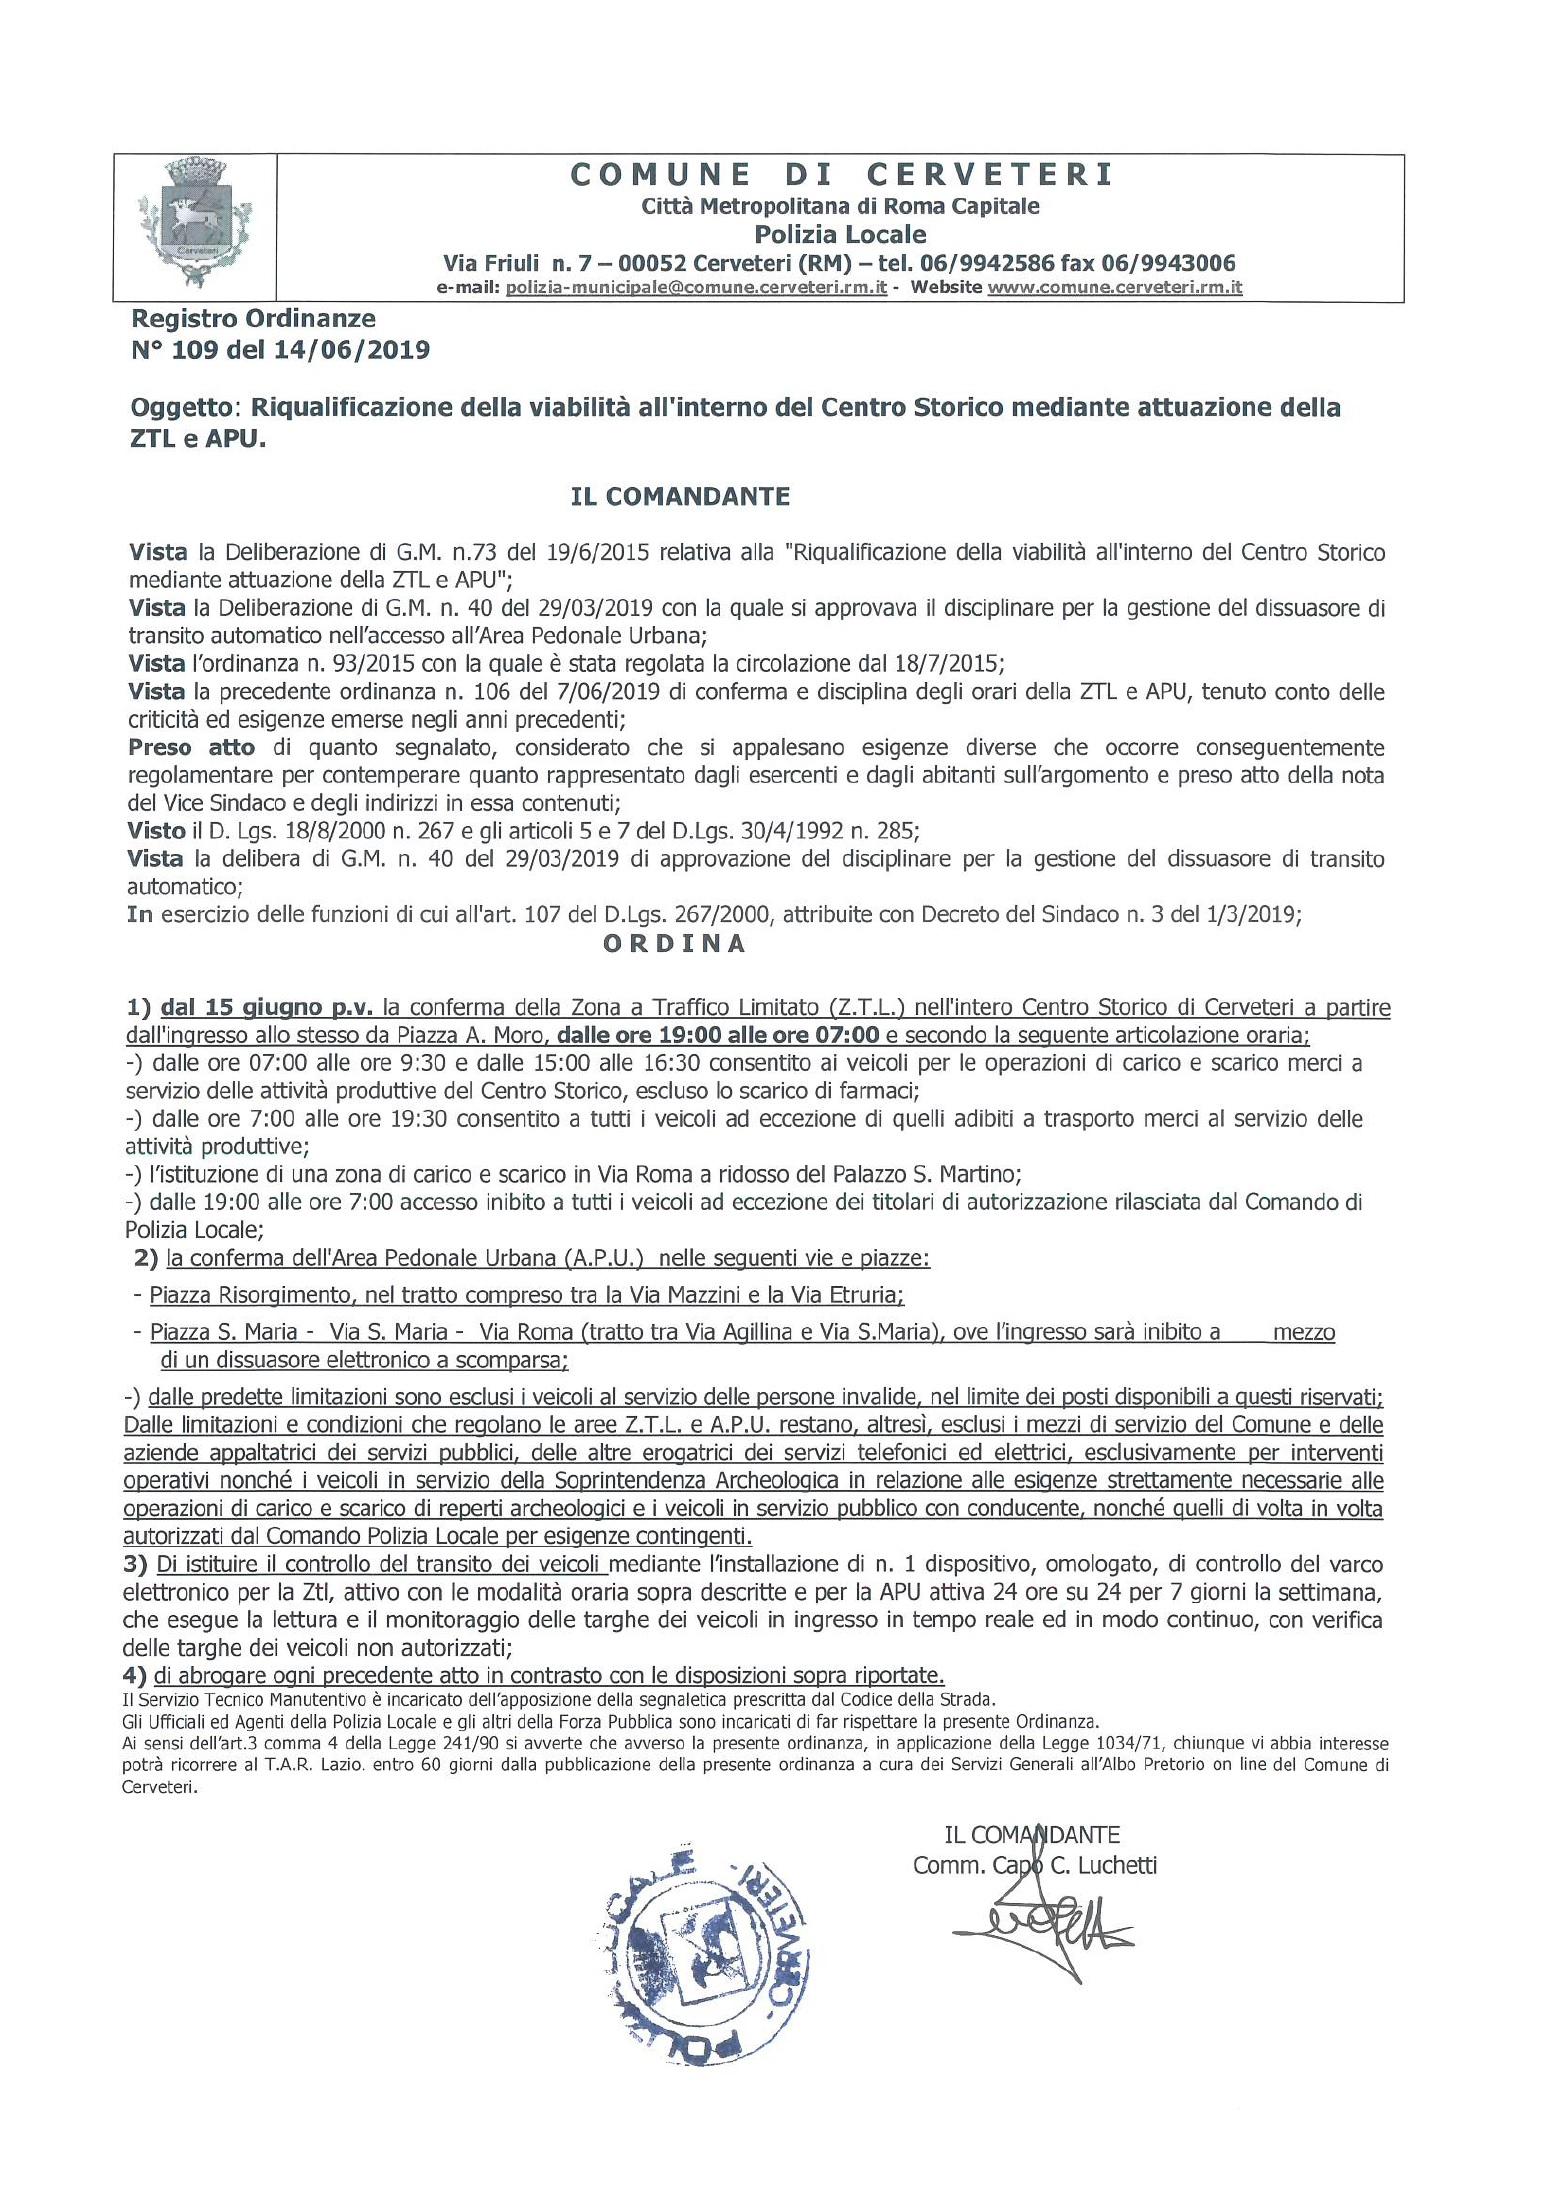 Riqualificazione della viabilità all'interno del Centro Storico mediante attuazione della ZTL e APU